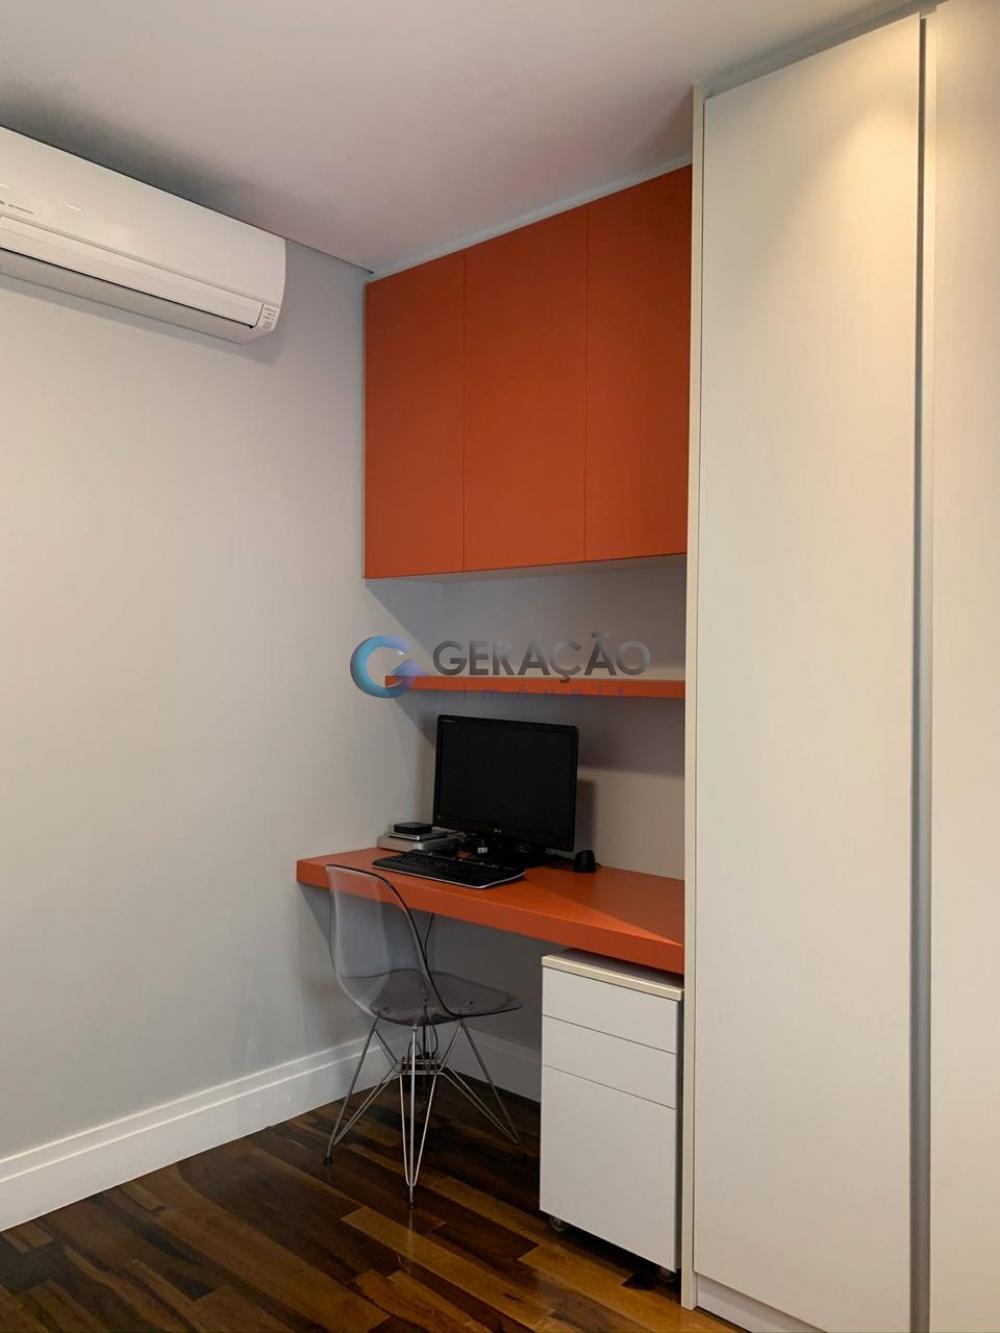 Comprar Apartamento / Padrão em São José dos Campos apenas R$ 950.000,00 - Foto 15